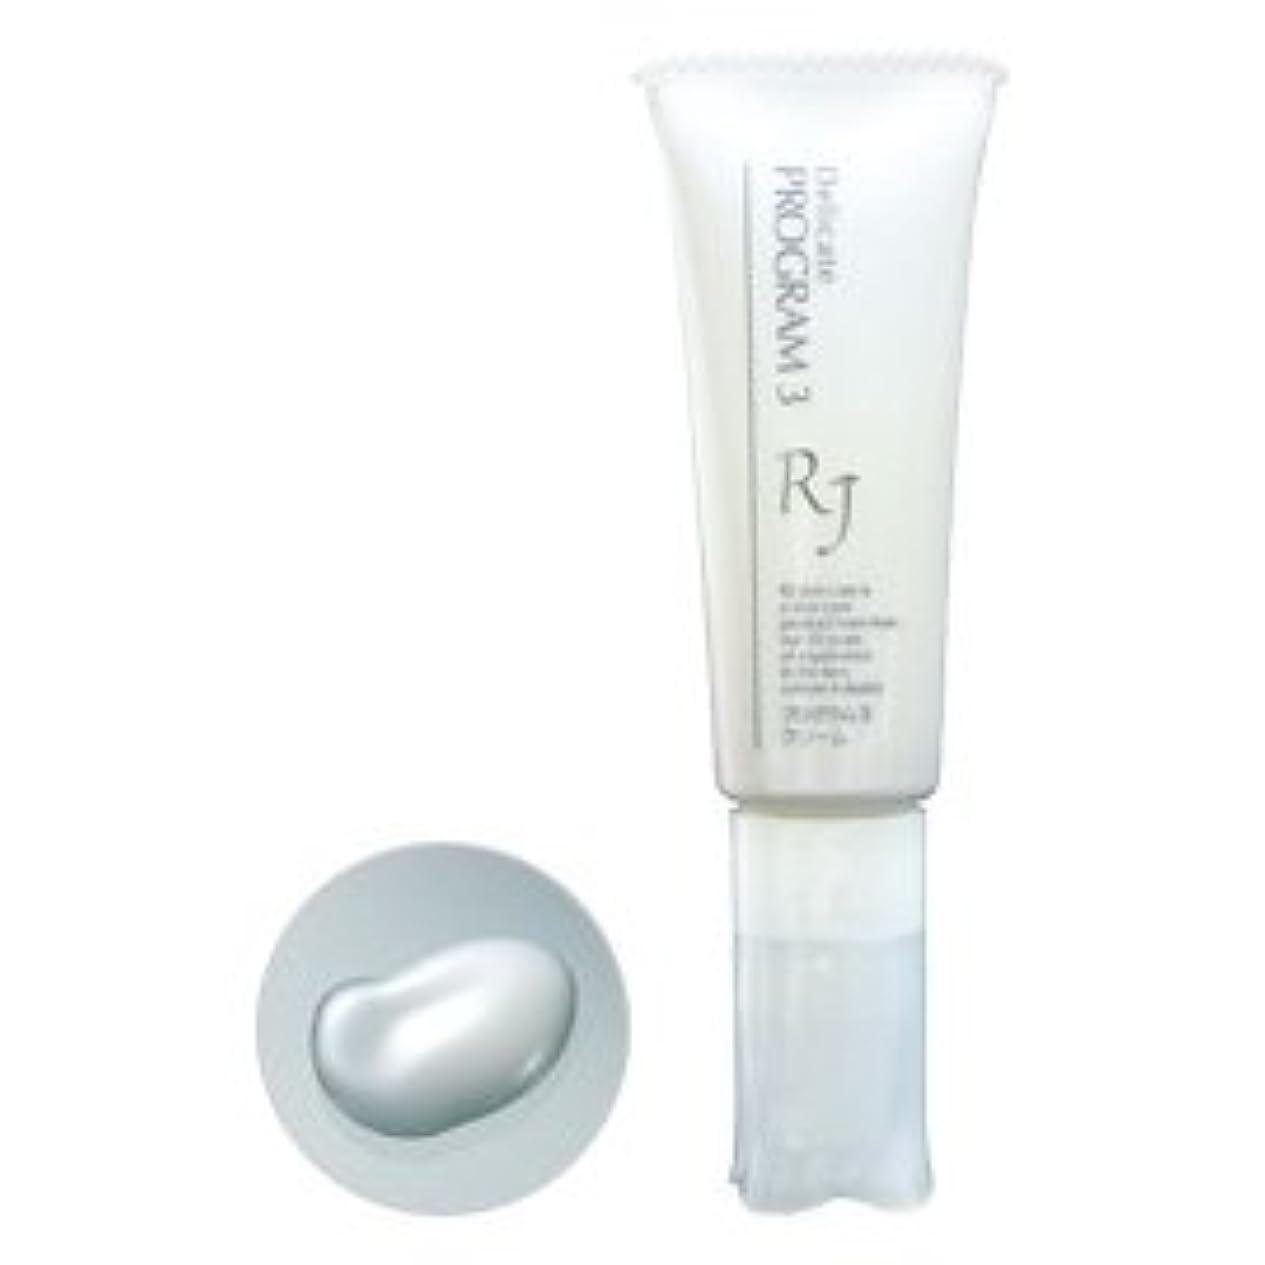 起きろ光の騒乱プログラム3 クリーム 敏感肌用保湿クリーム 20g